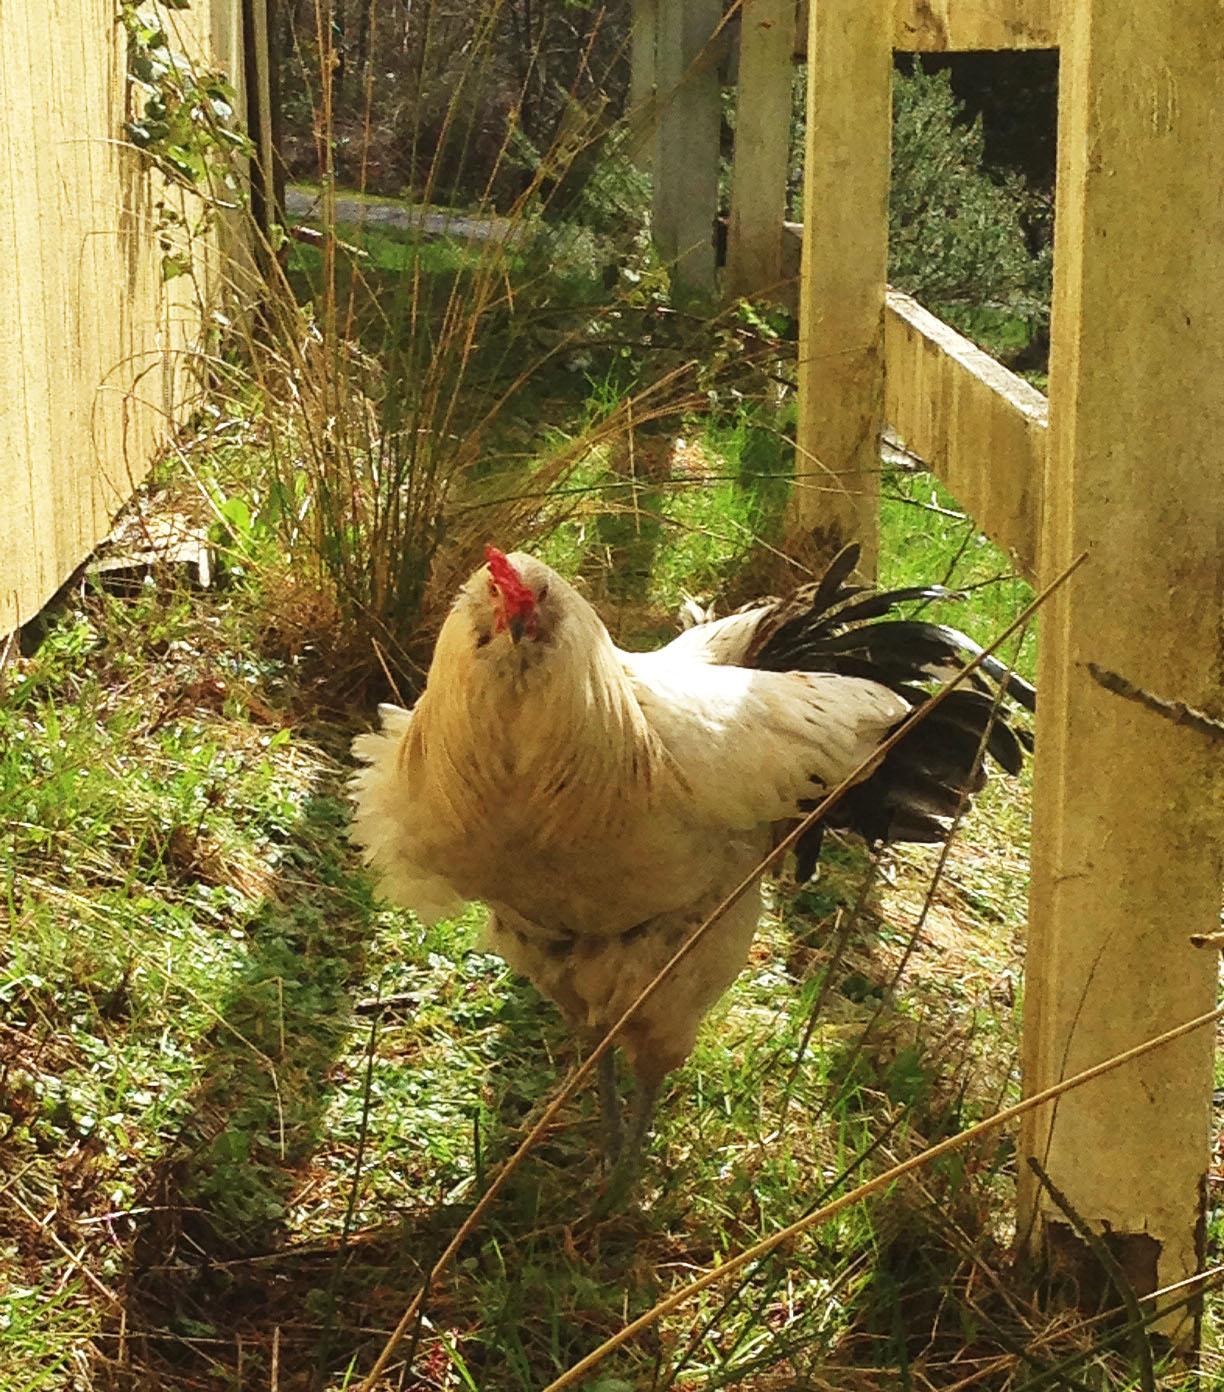 0324 rooster3.jpg